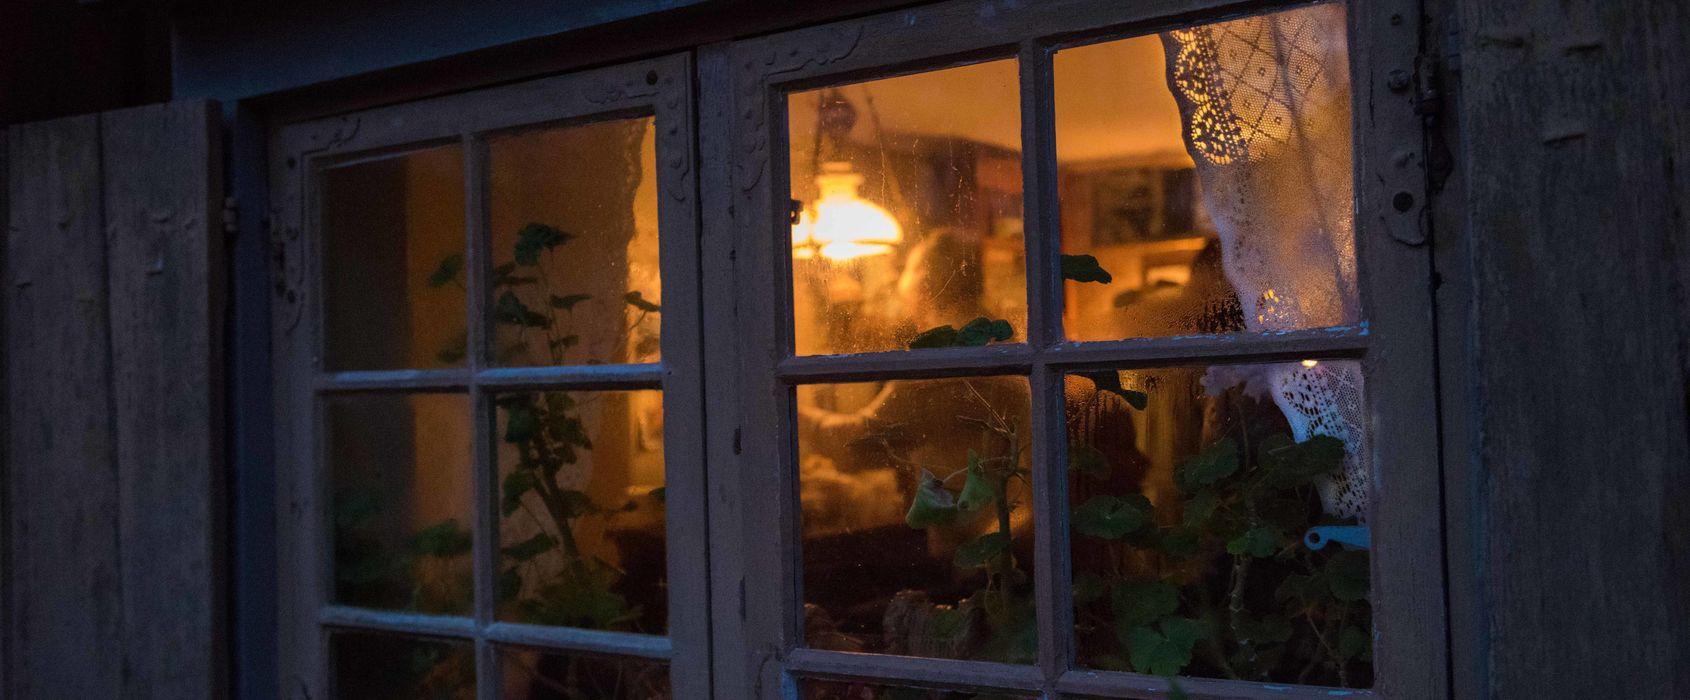 Petissans fönster, Skansen